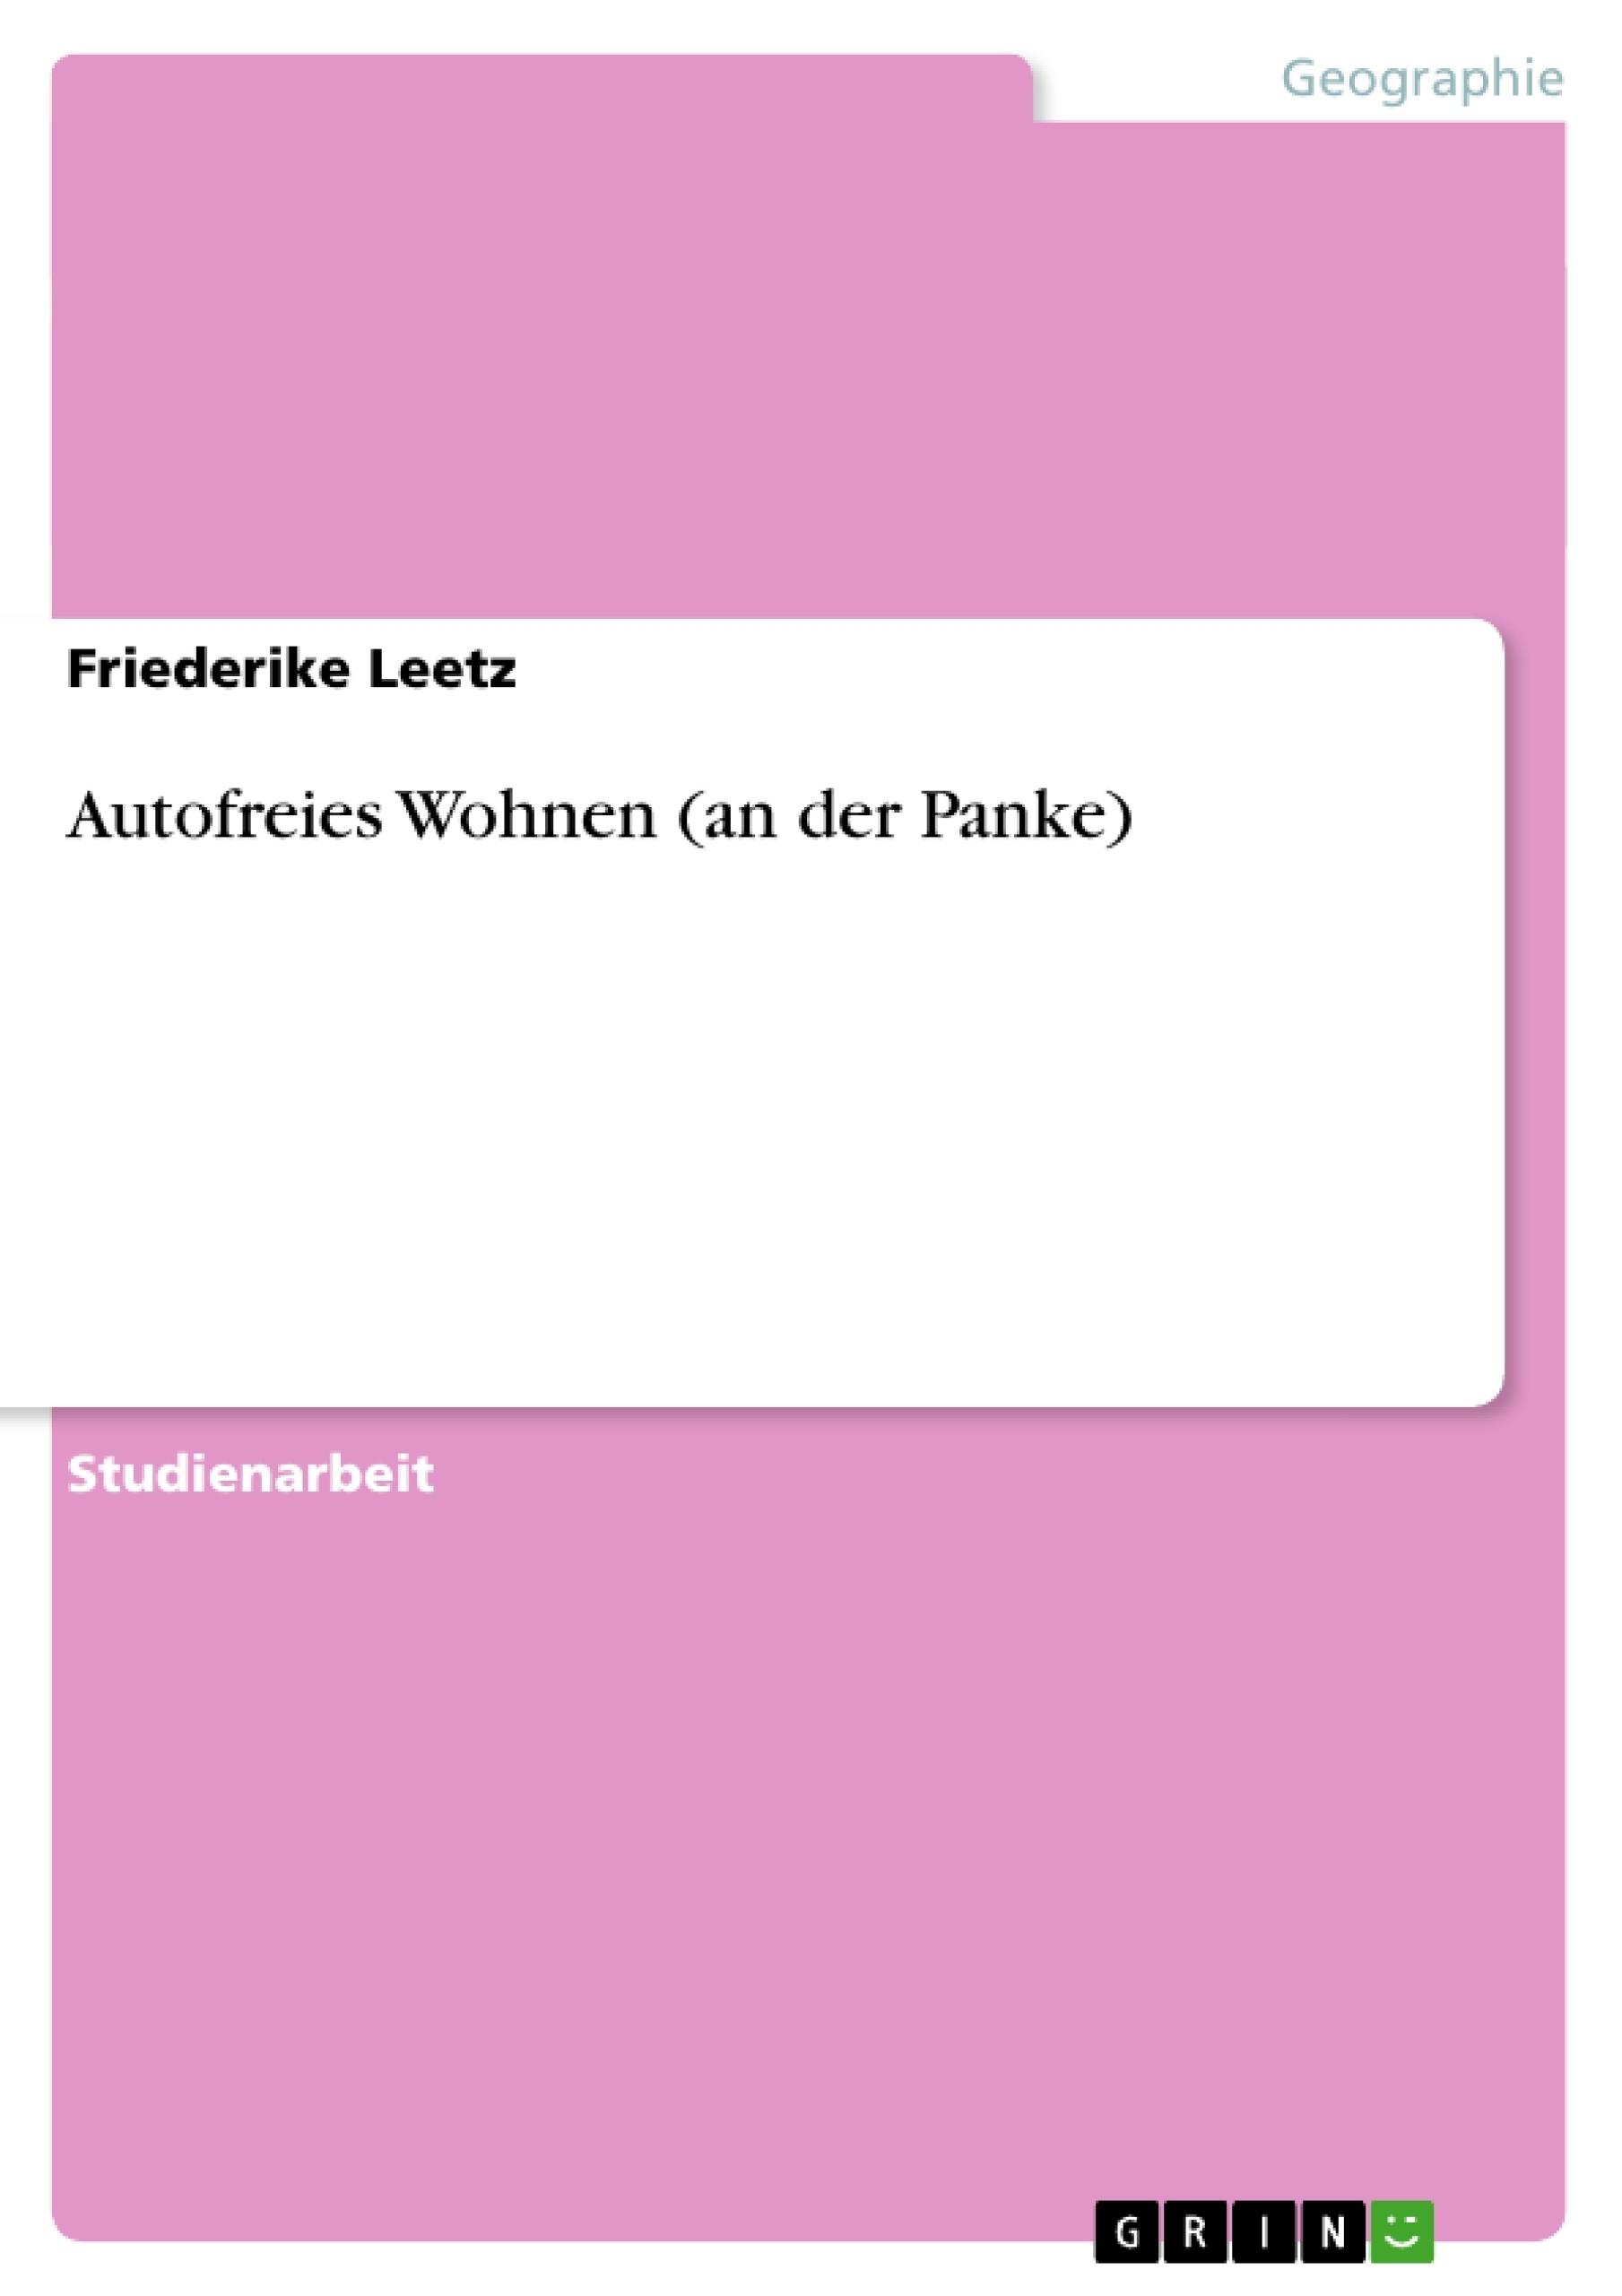 Titel: Autofreies Wohnen (an der Panke)